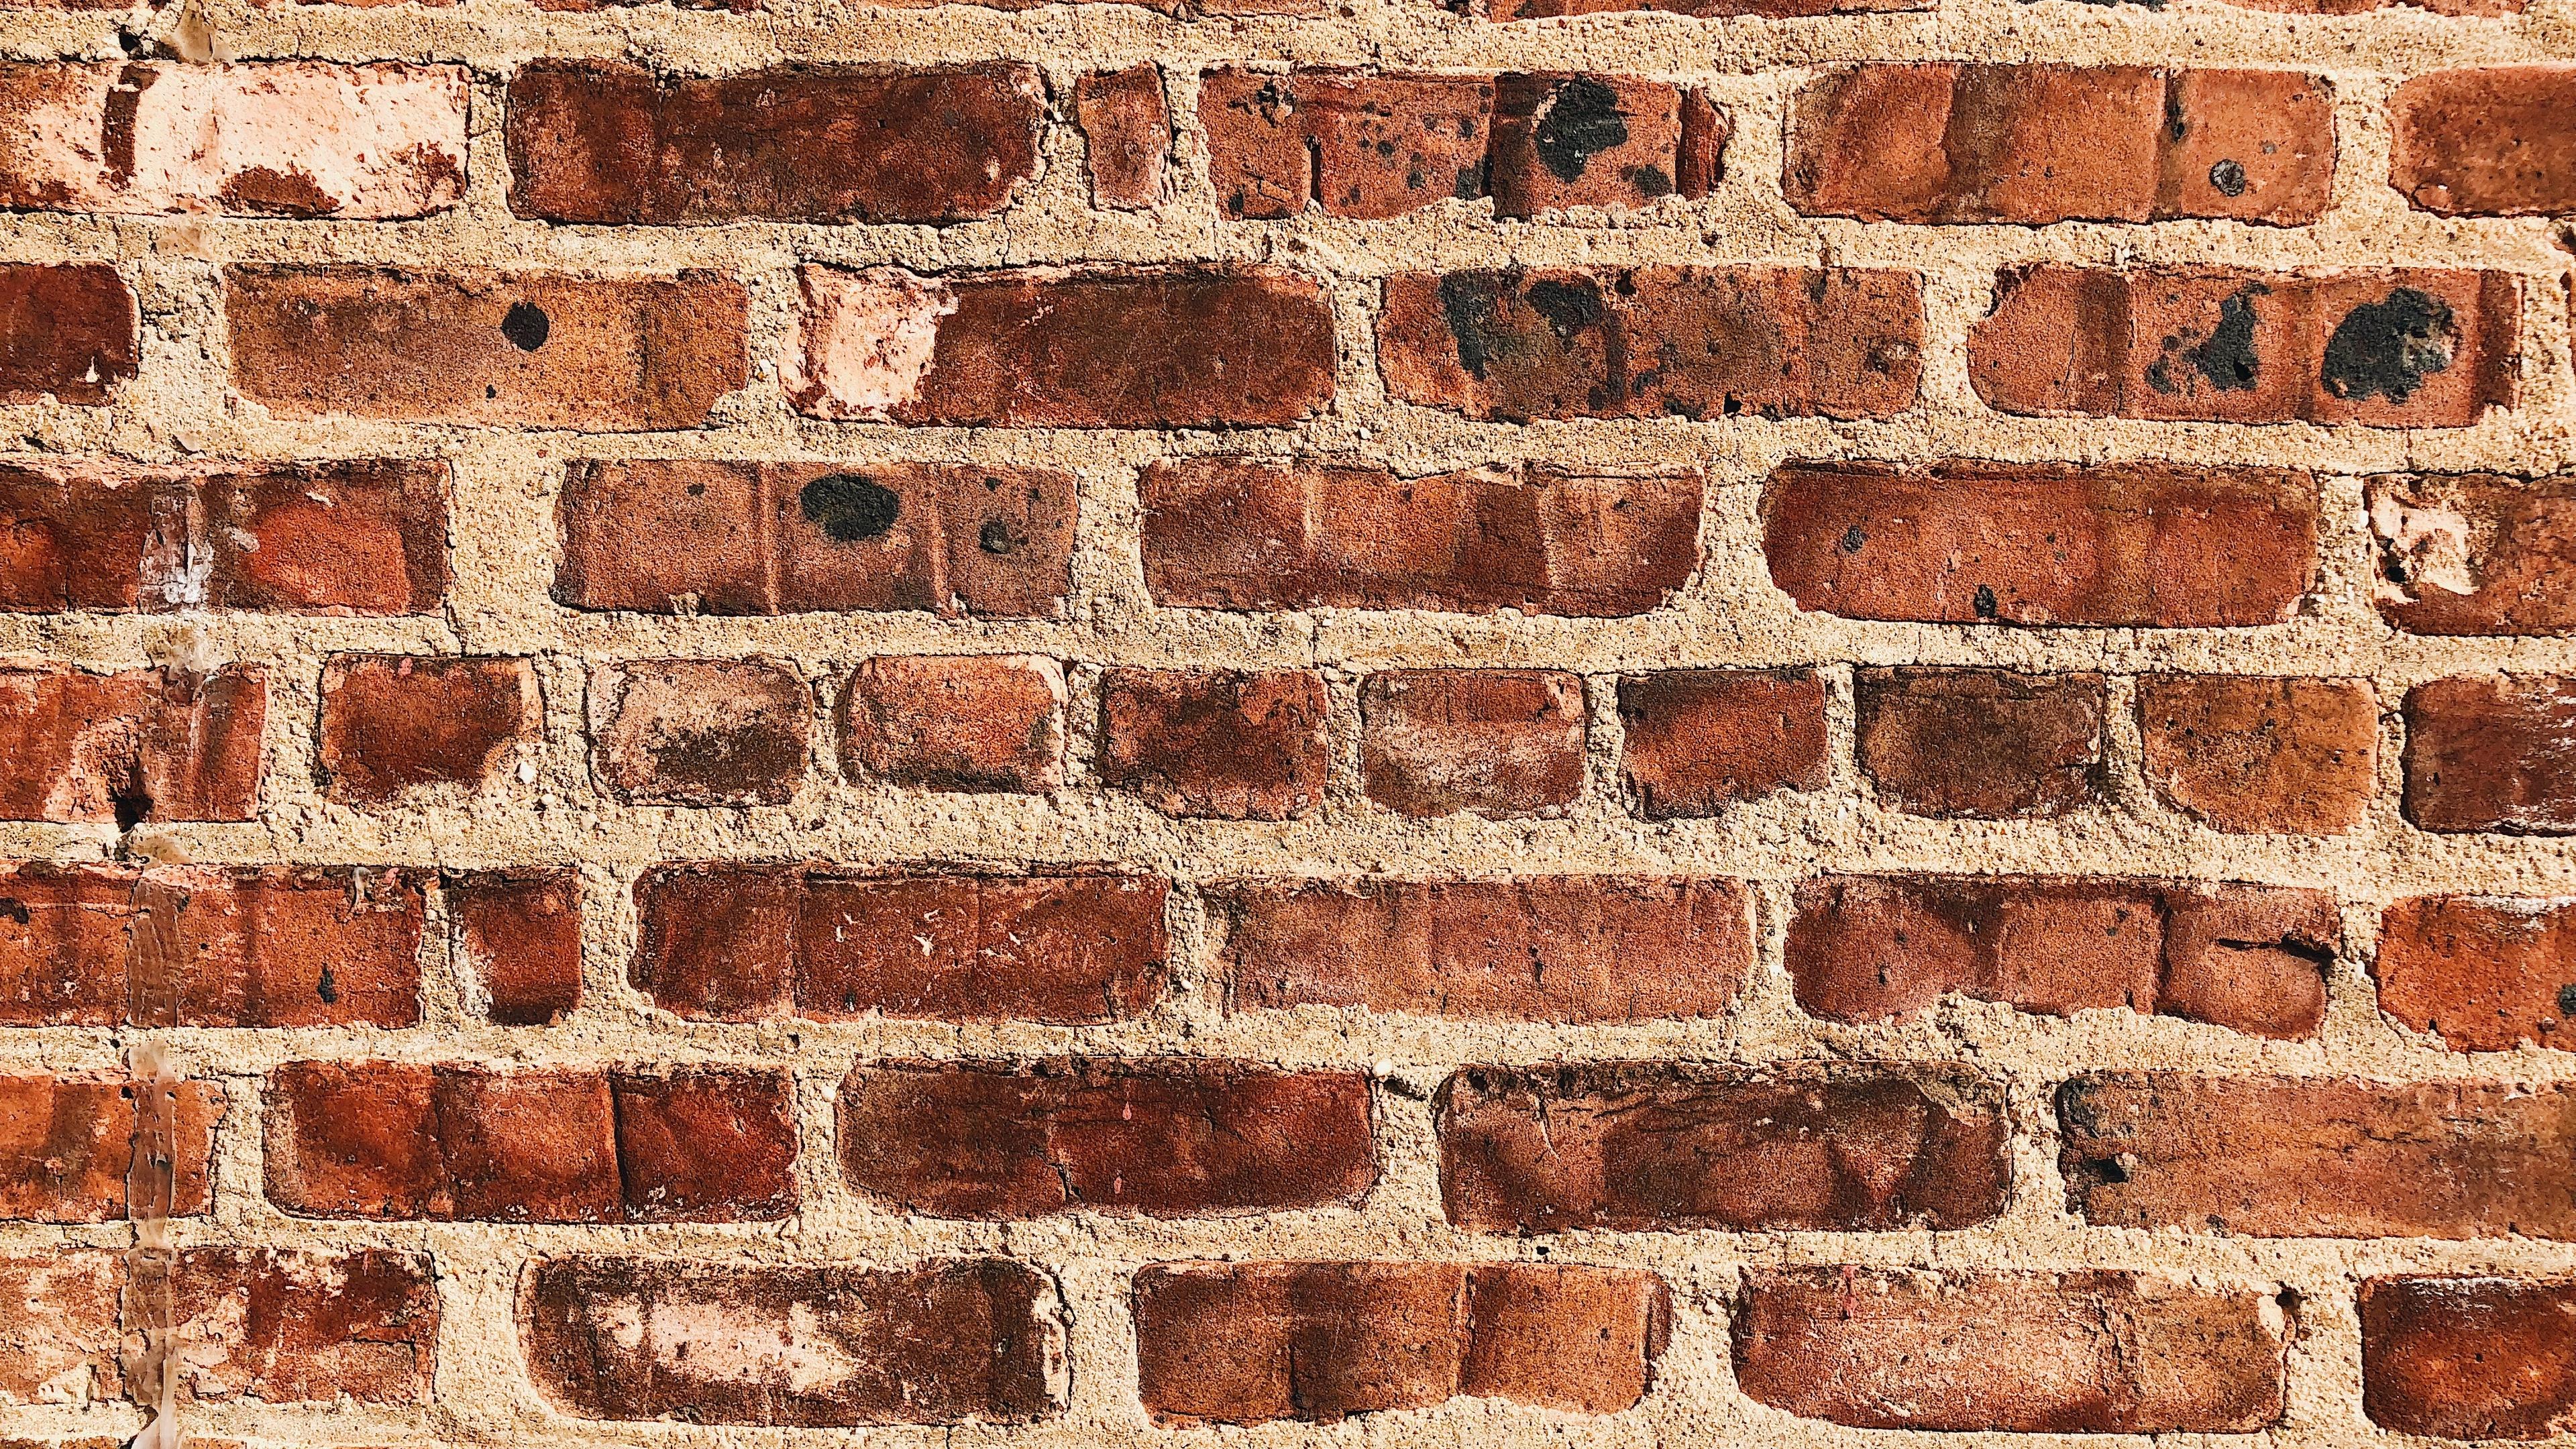 wall brick surface texture 4k 1536097876 - wall, brick, surface, texture 4k - WALL, Surface, brick